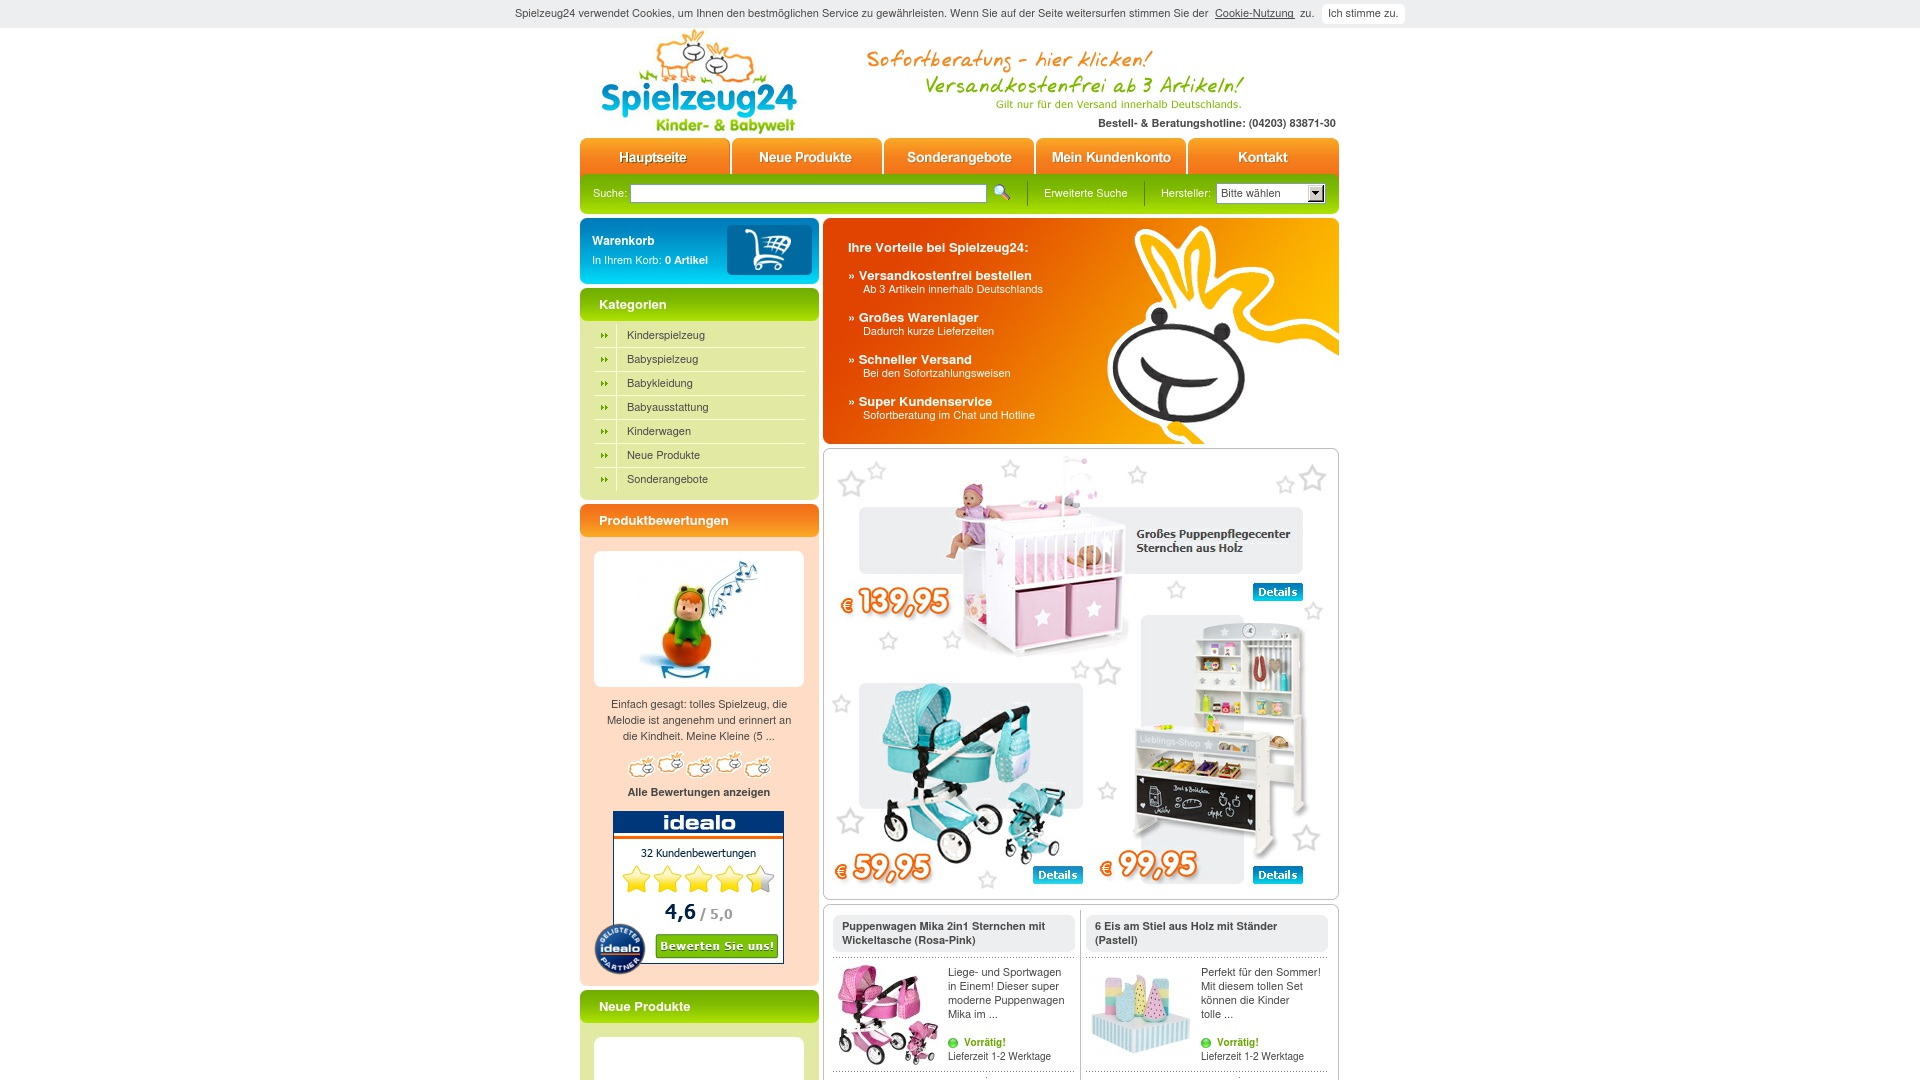 Gutschein für Spielzeug24: Rabatte für  Spielzeug24 sichern